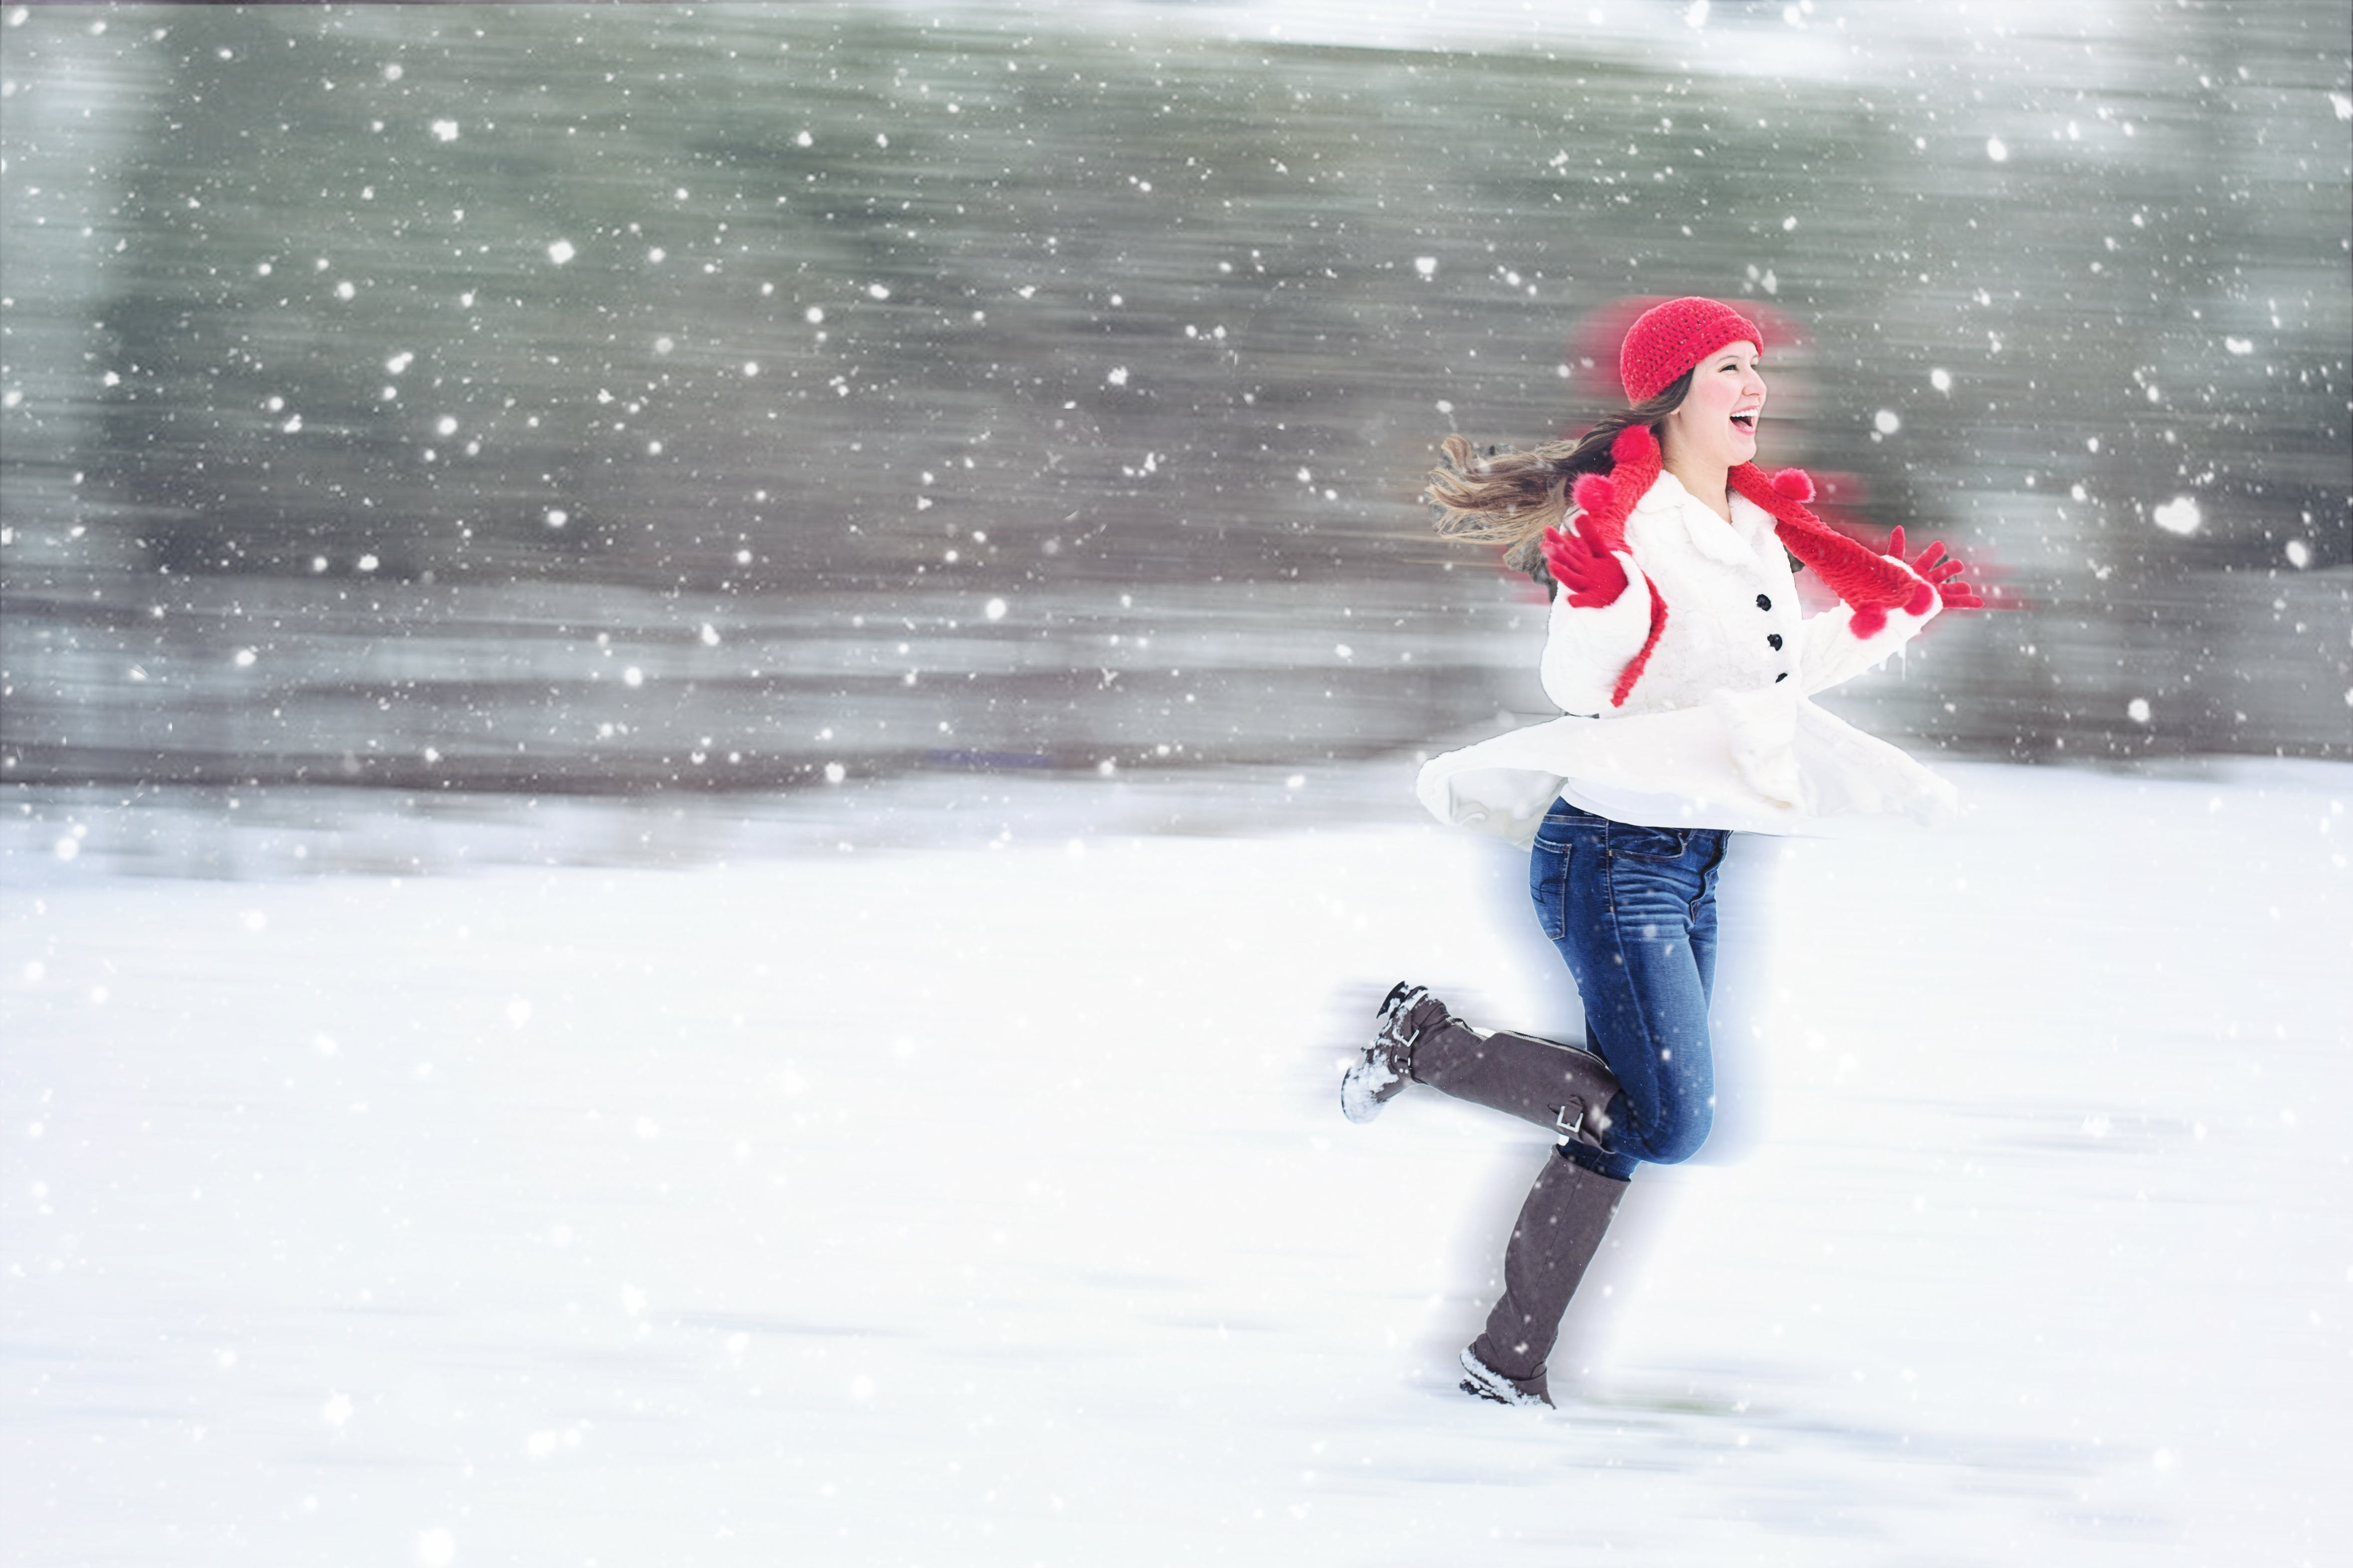 con gái, hạnh phúc, lạnh